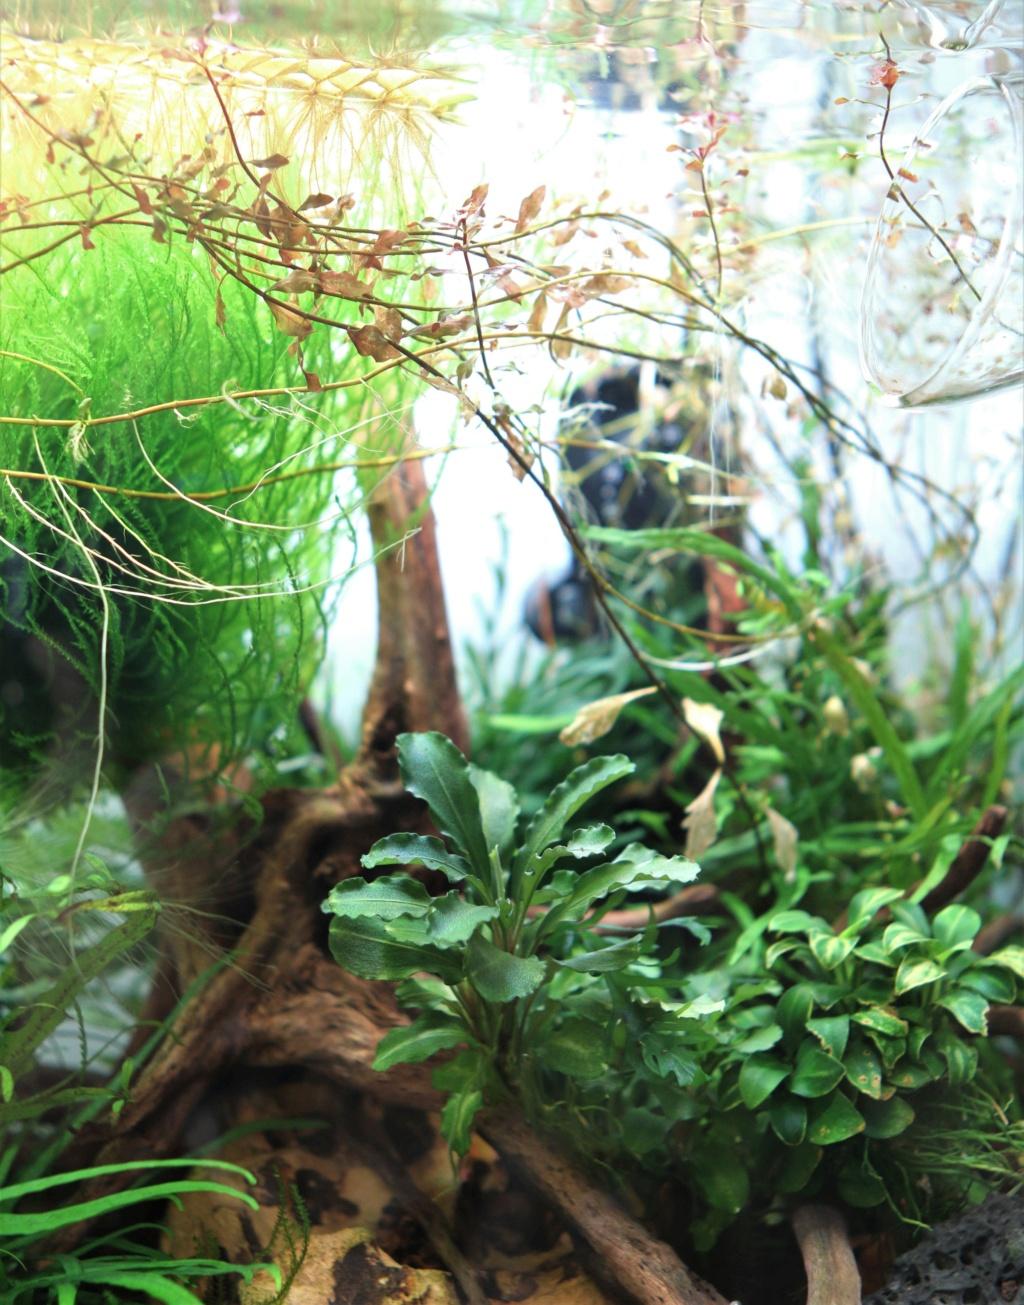 Retour dans l'aquariophilie - Suite avec un bac de 60L 22_03_11